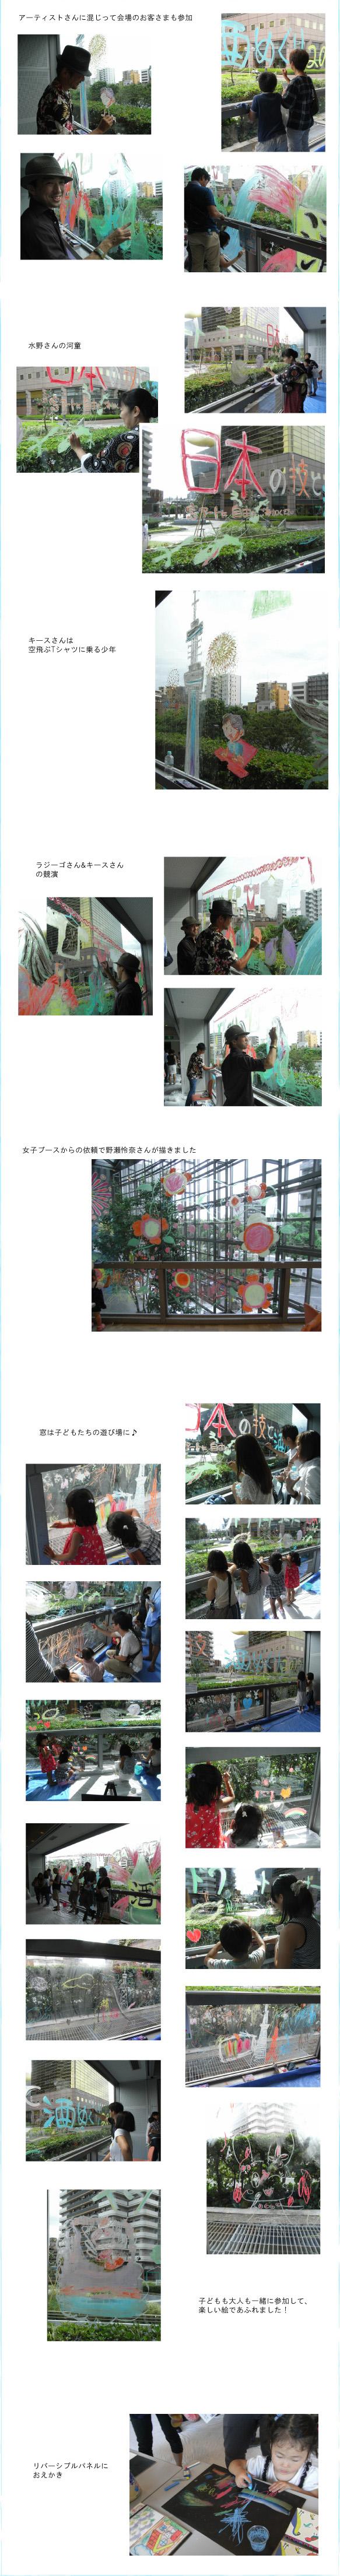 すみだ日本の技と酒めぐり2012 Tシャツでつながる日本のものづくり。TOKYO EAST墨田で日本の味、技、アートを感じよう!にキットパスで参加しました(2012年9月2日)